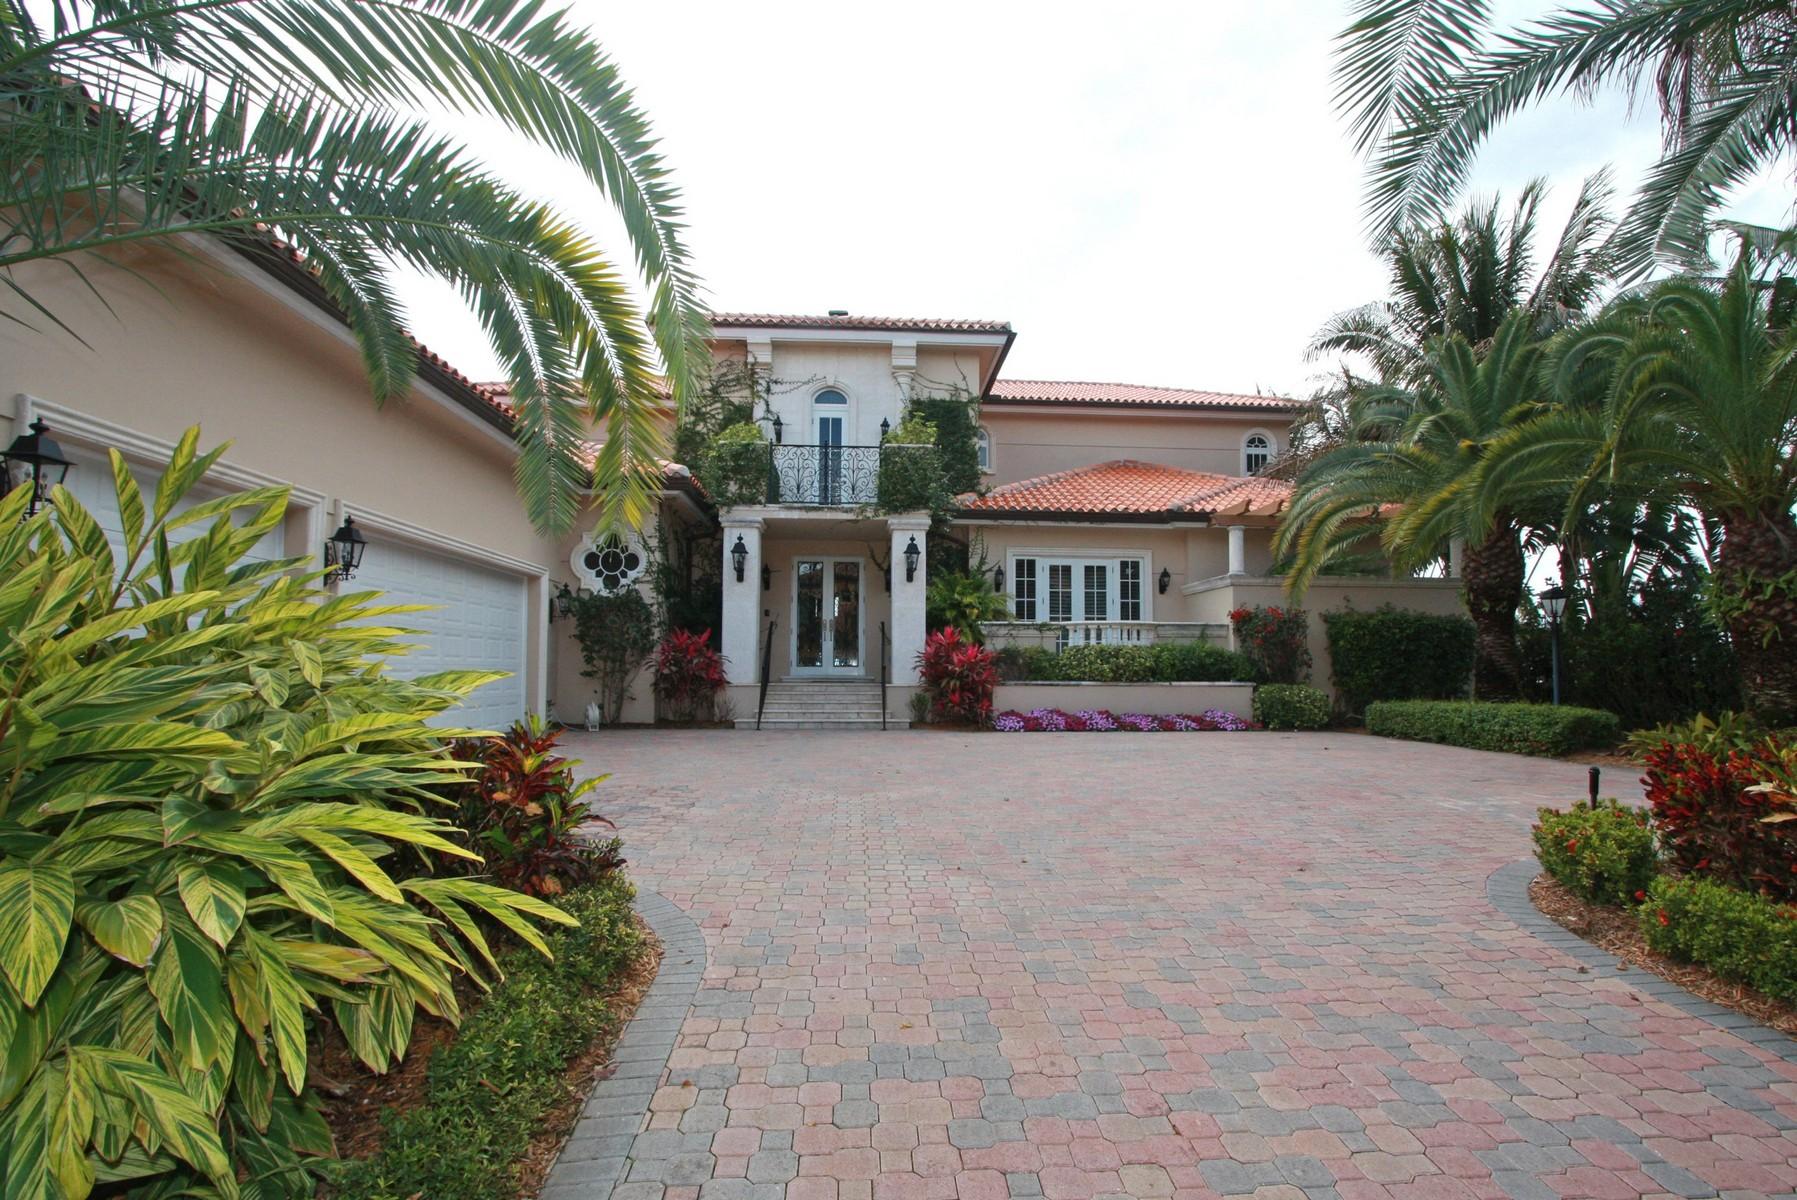 단독 가정 주택 용 매매 에 13678 Deering Bay Dr Coral Gables, 플로리다 33158 미국